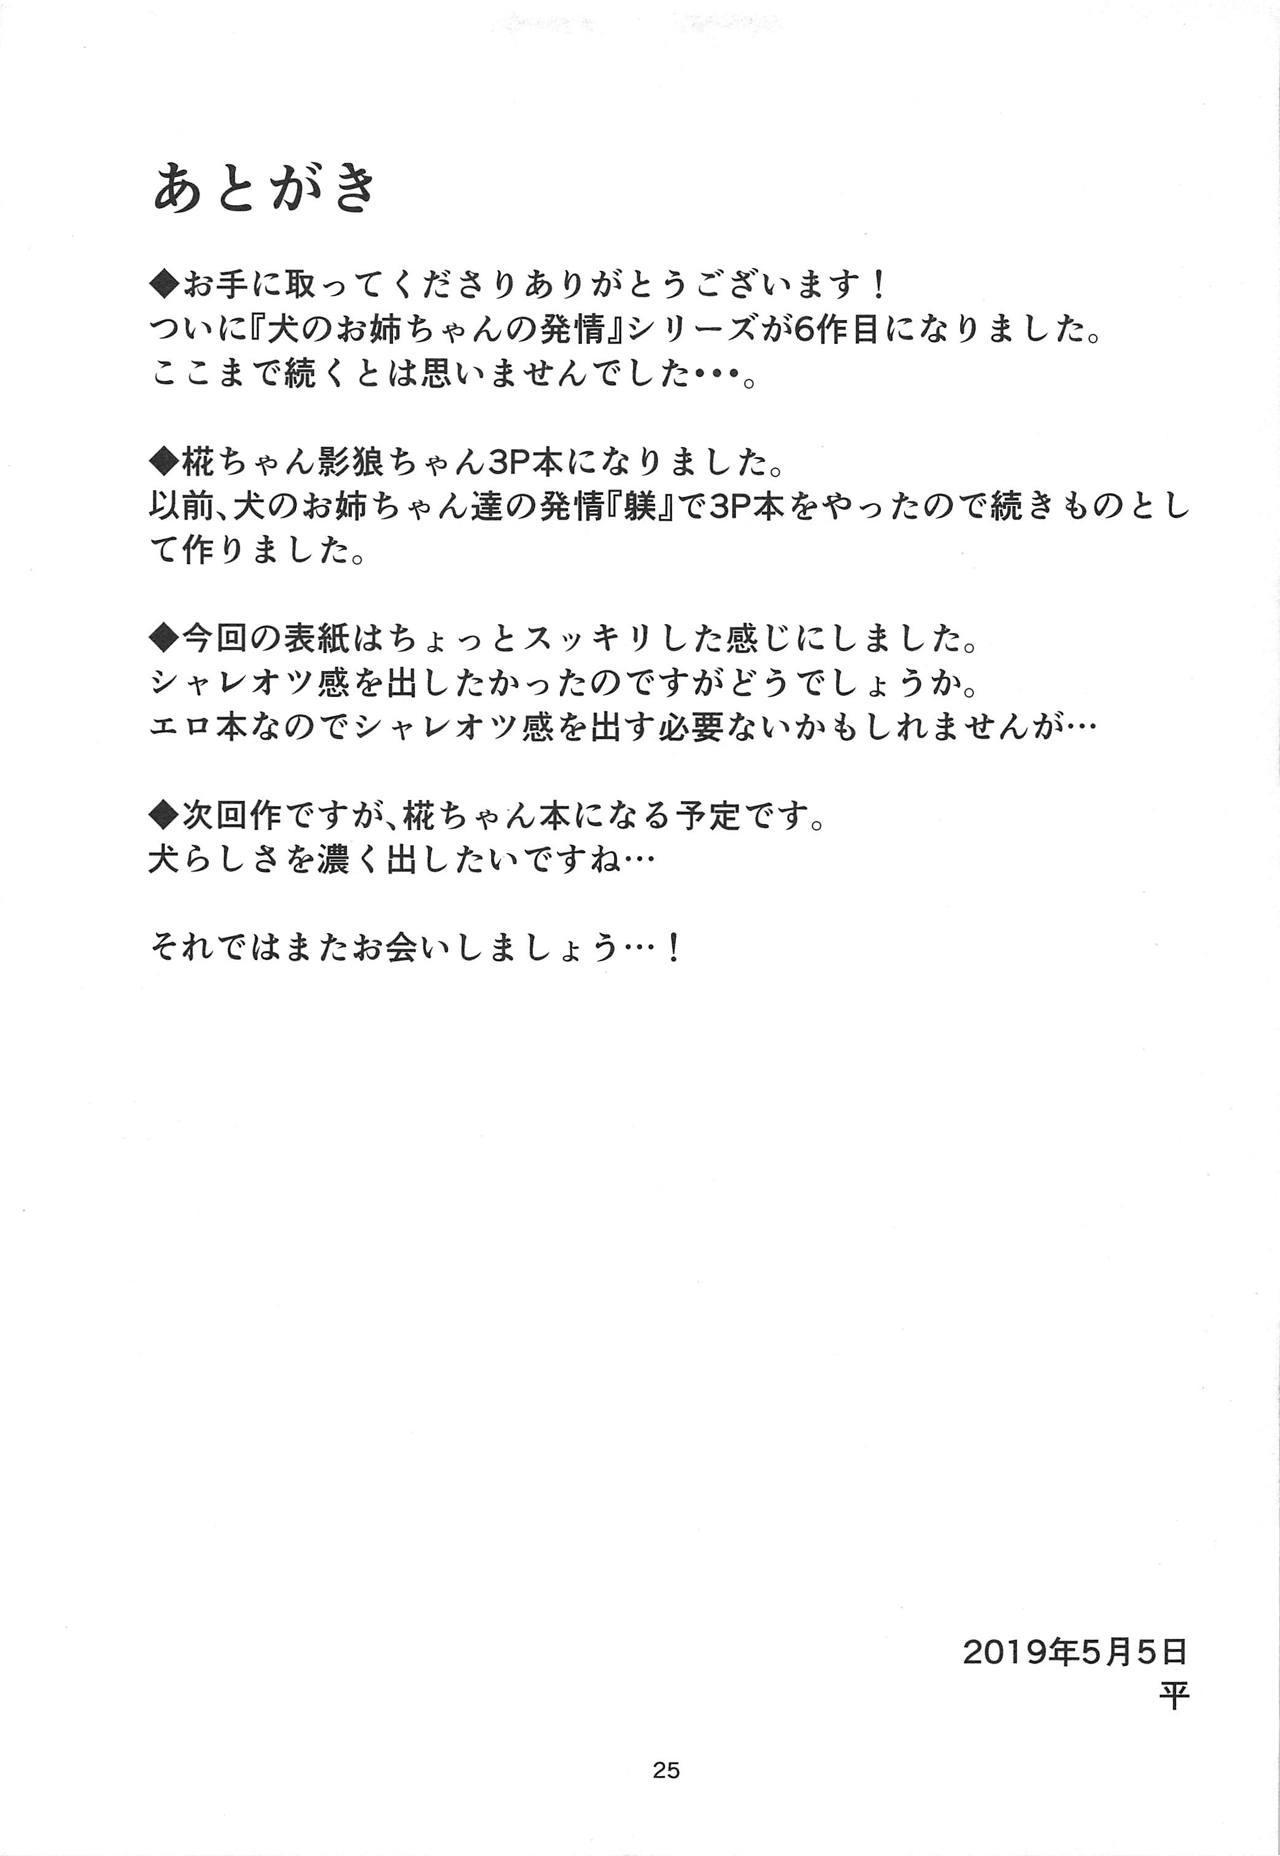 (Reitaisai 16) [Nanika no Heya (Hira)] Zoku Inu no Onee-chan-tachi no Hatsujou (Touhou Project) 23